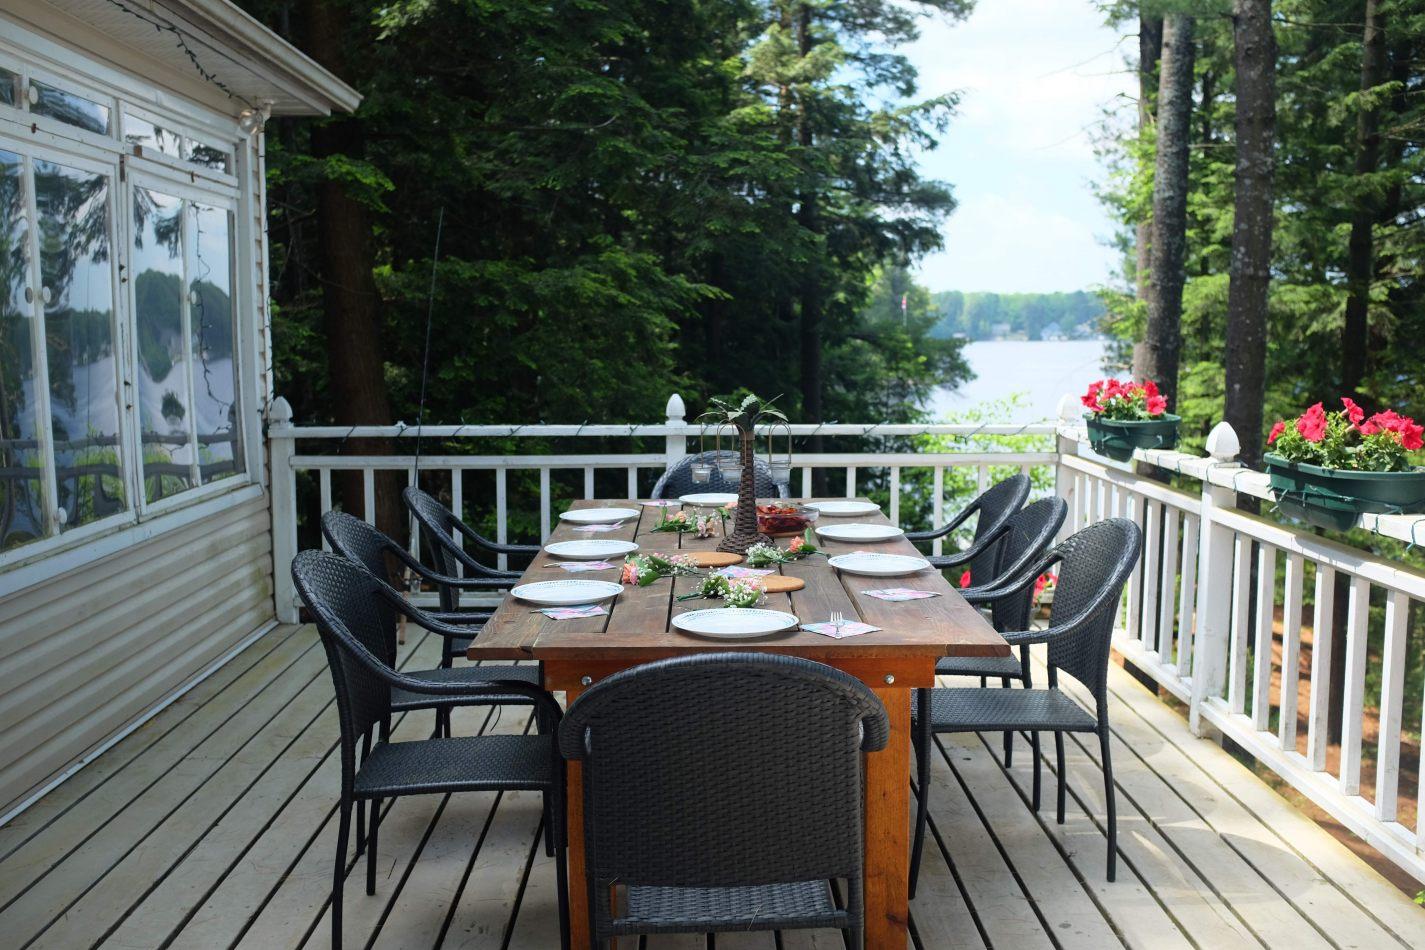 Hibiscus & Nomada : Canada - Cottage Life